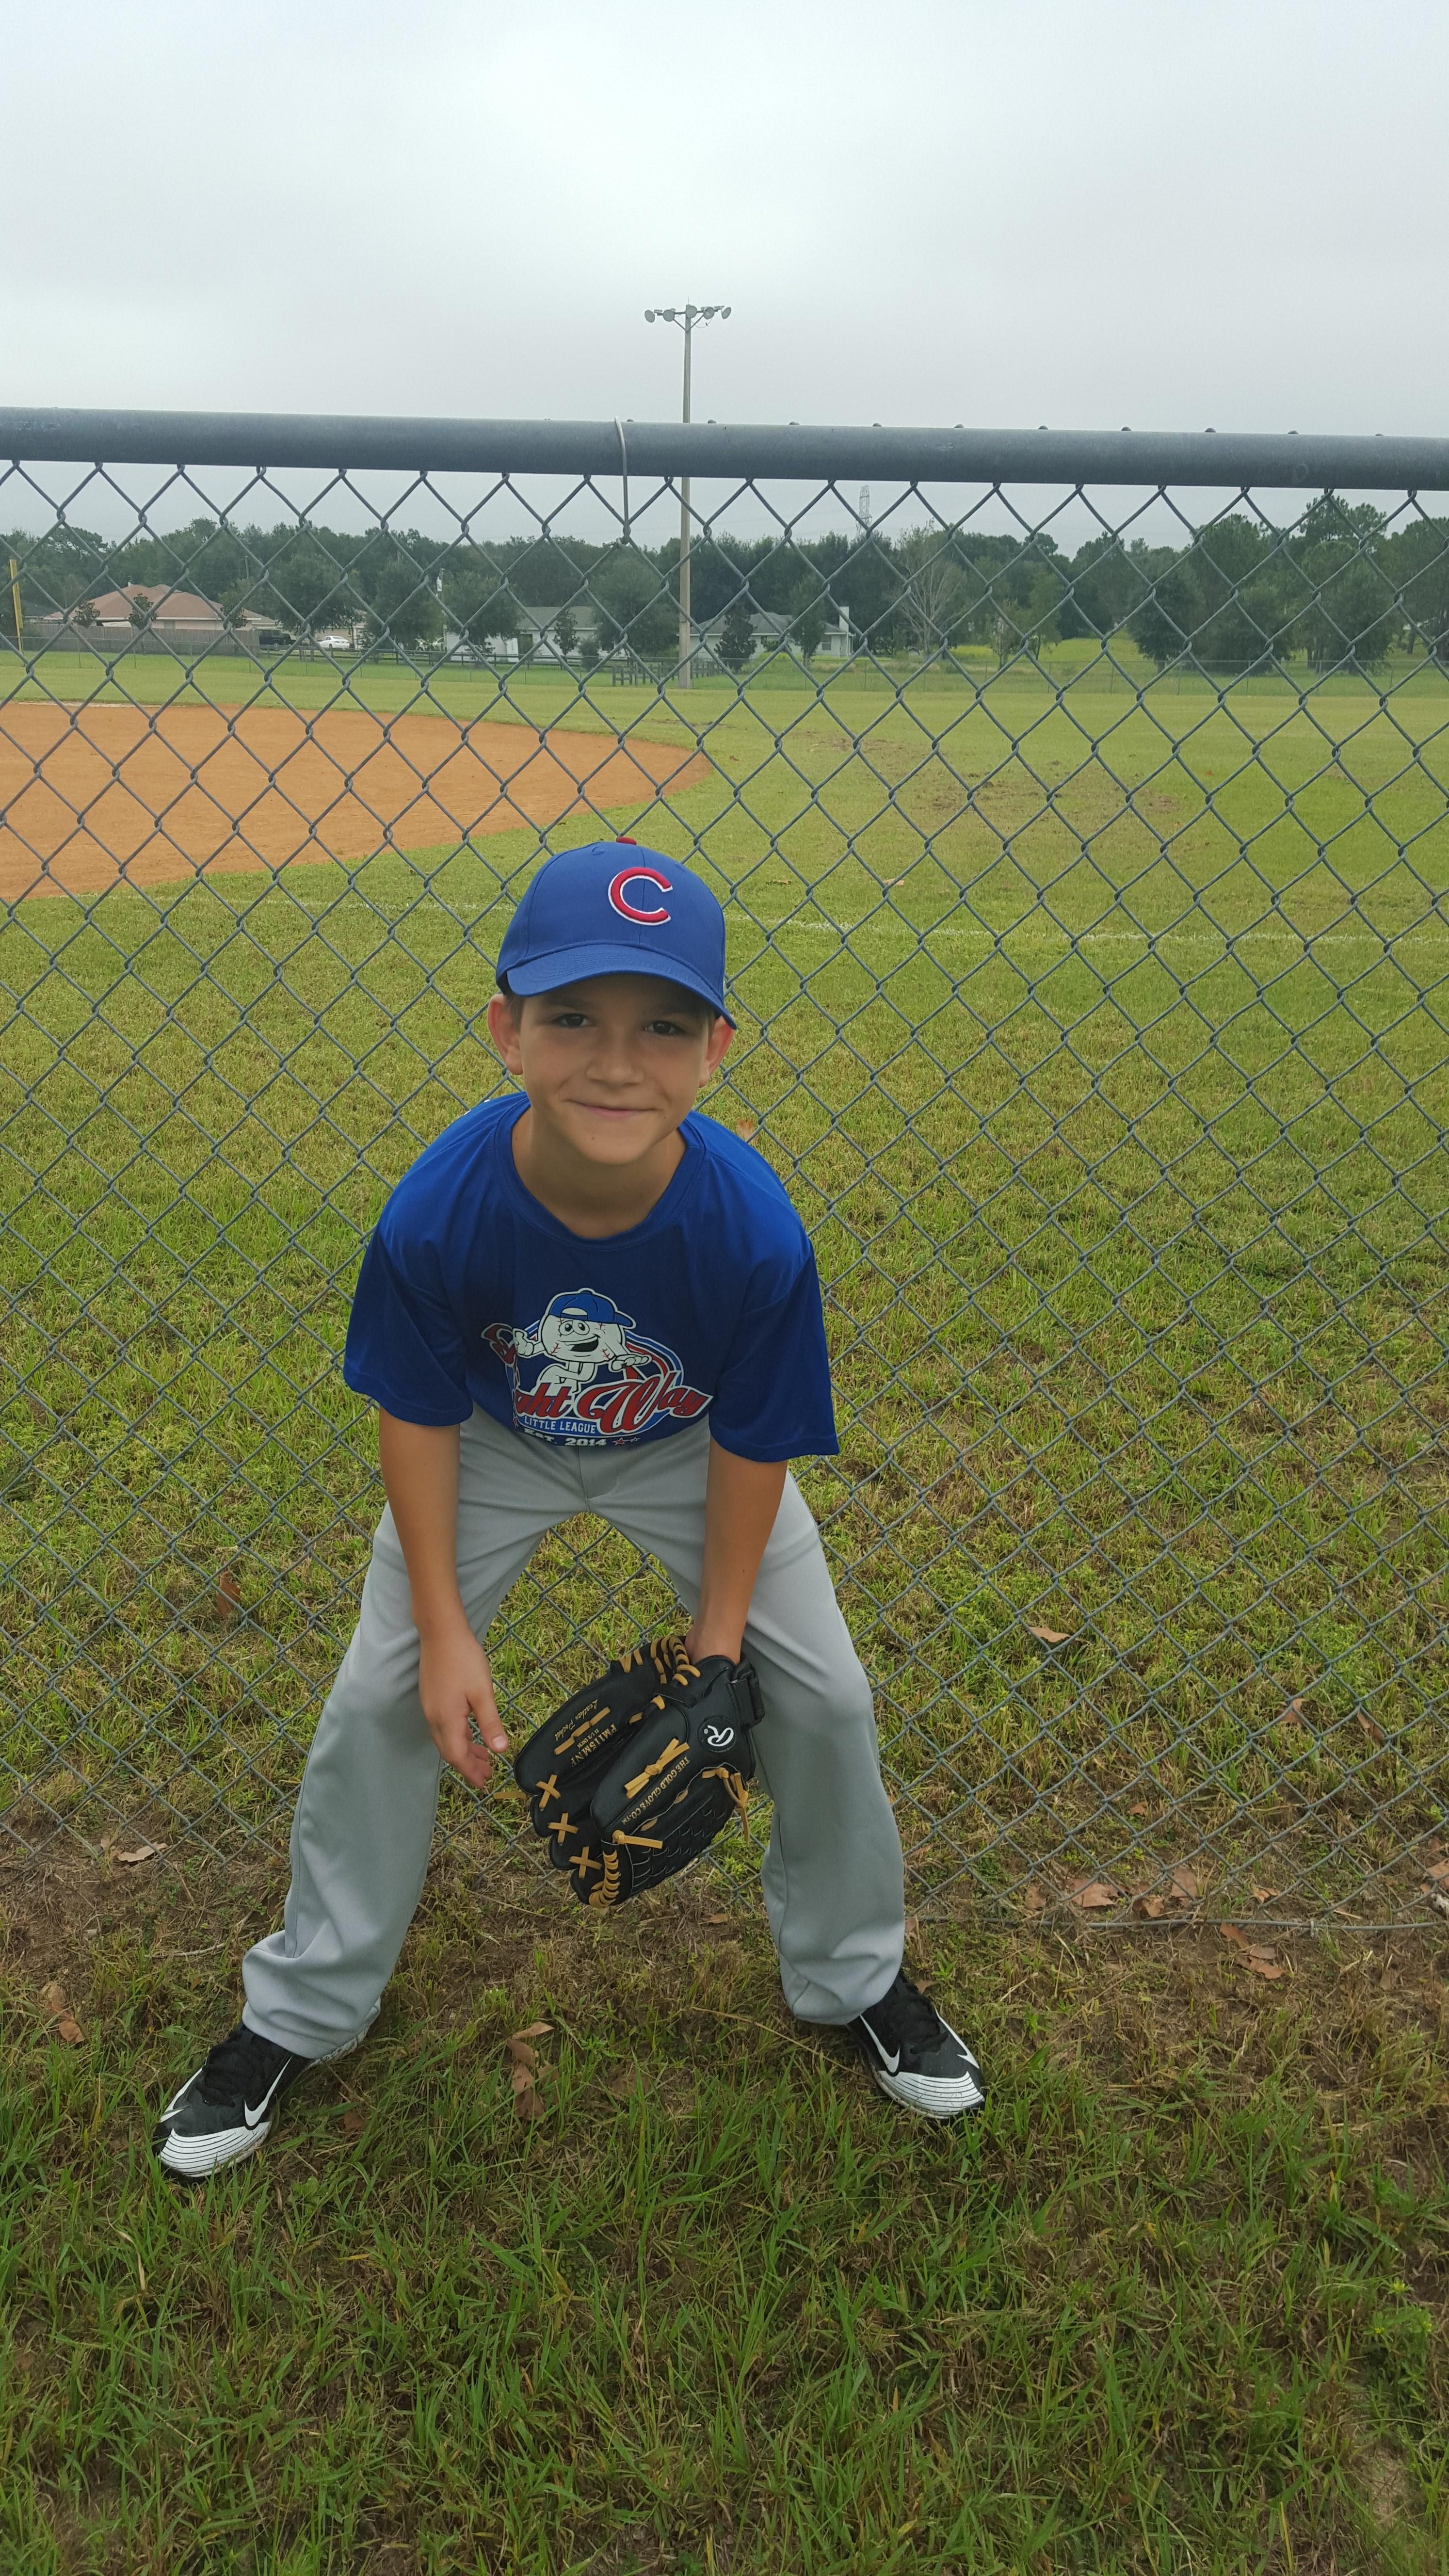 09-2015 Jennifer Connor's Son - Dillon Connor